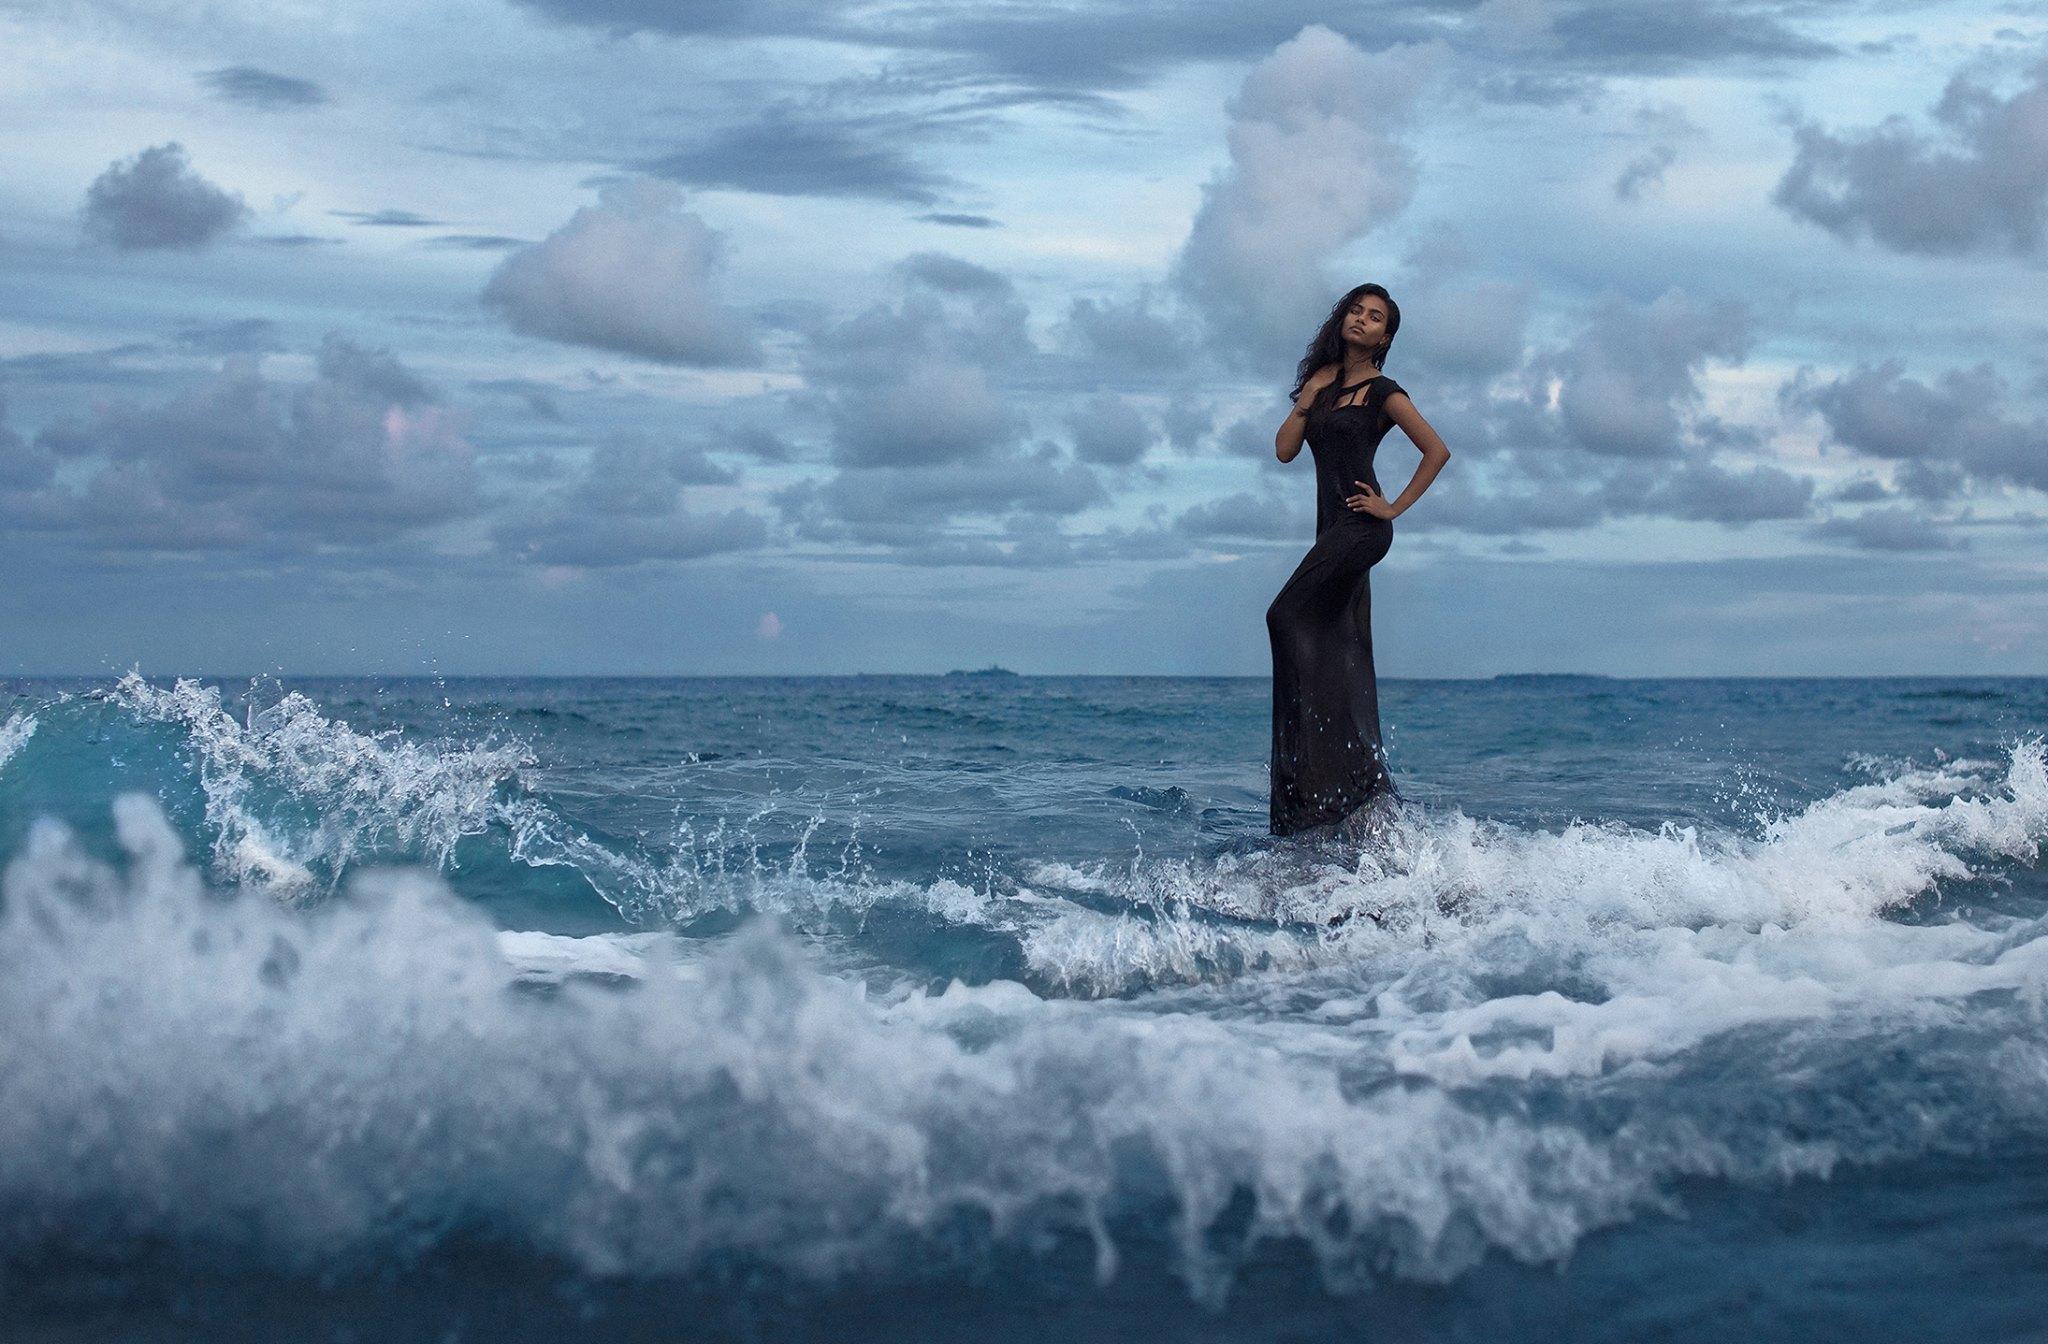 Un supermodel Vogue s-ar fi sinucis intr-un hotel din Bangladesh. Misterul ce inconjoara moartea